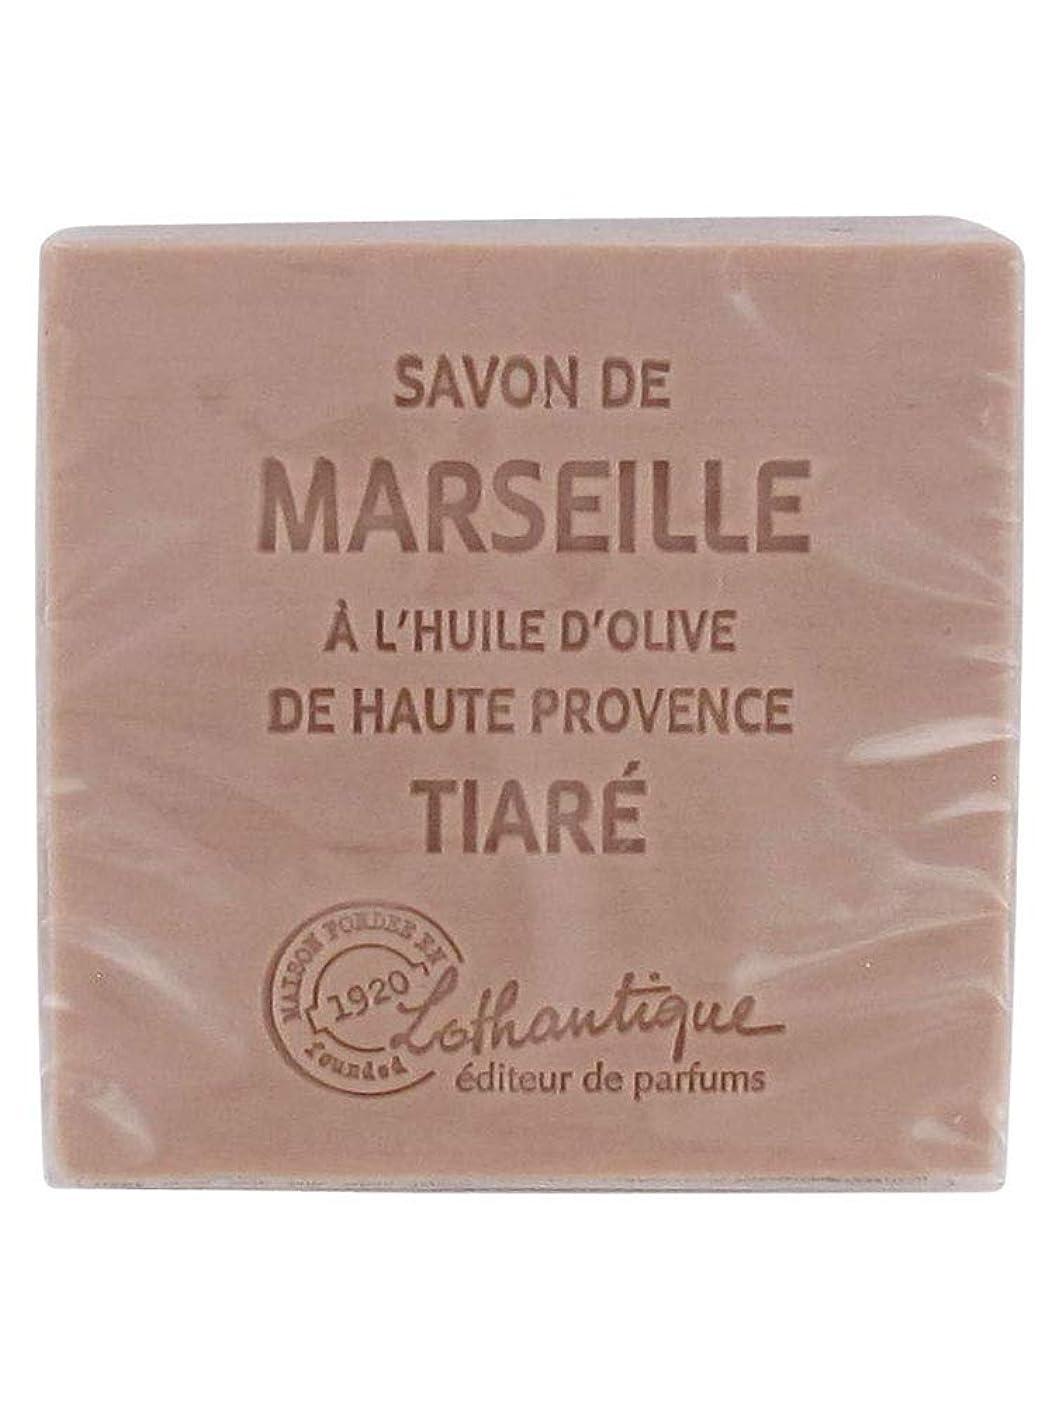 軍話すお肉Lothantique(ロタンティック) Les savons de Marseille(マルセイユソープ) マルセイユソープ 100g 「ティアラ」 3420070038098